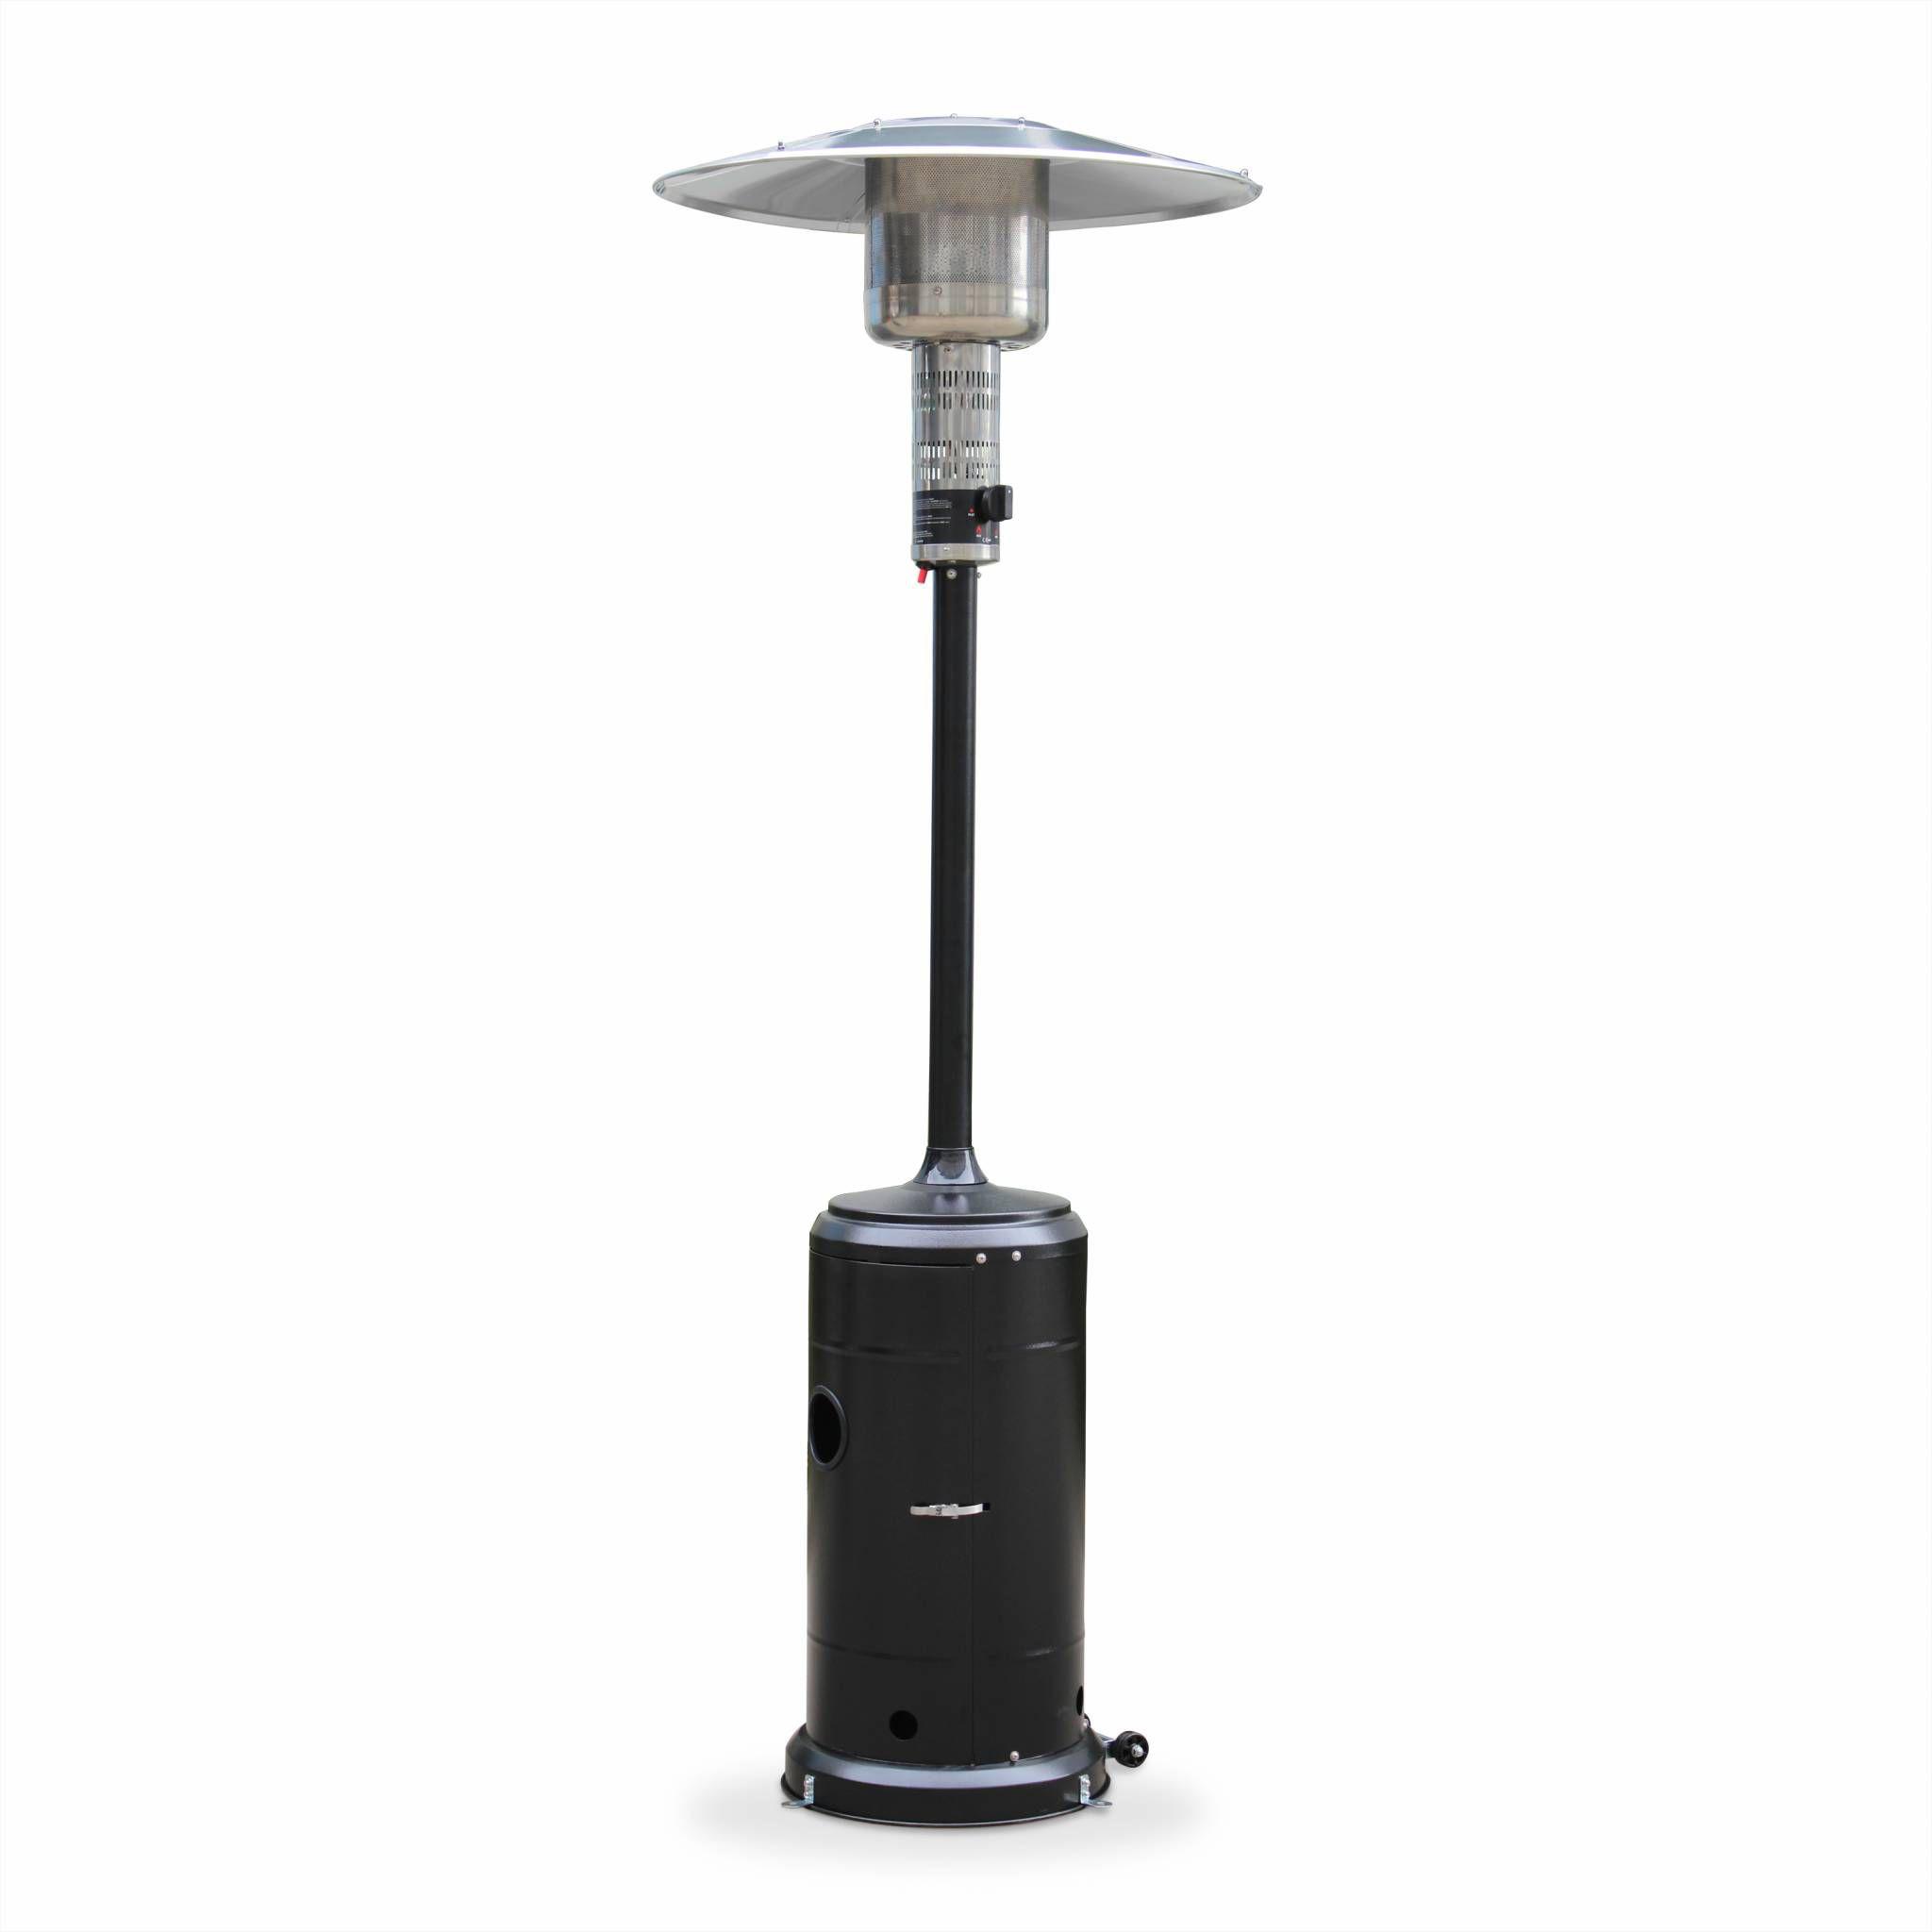 Support mobile r/églable /à roulettes en acier inoxydable pour bouteille de gaz ou petit r/éfrig/érateur Noir